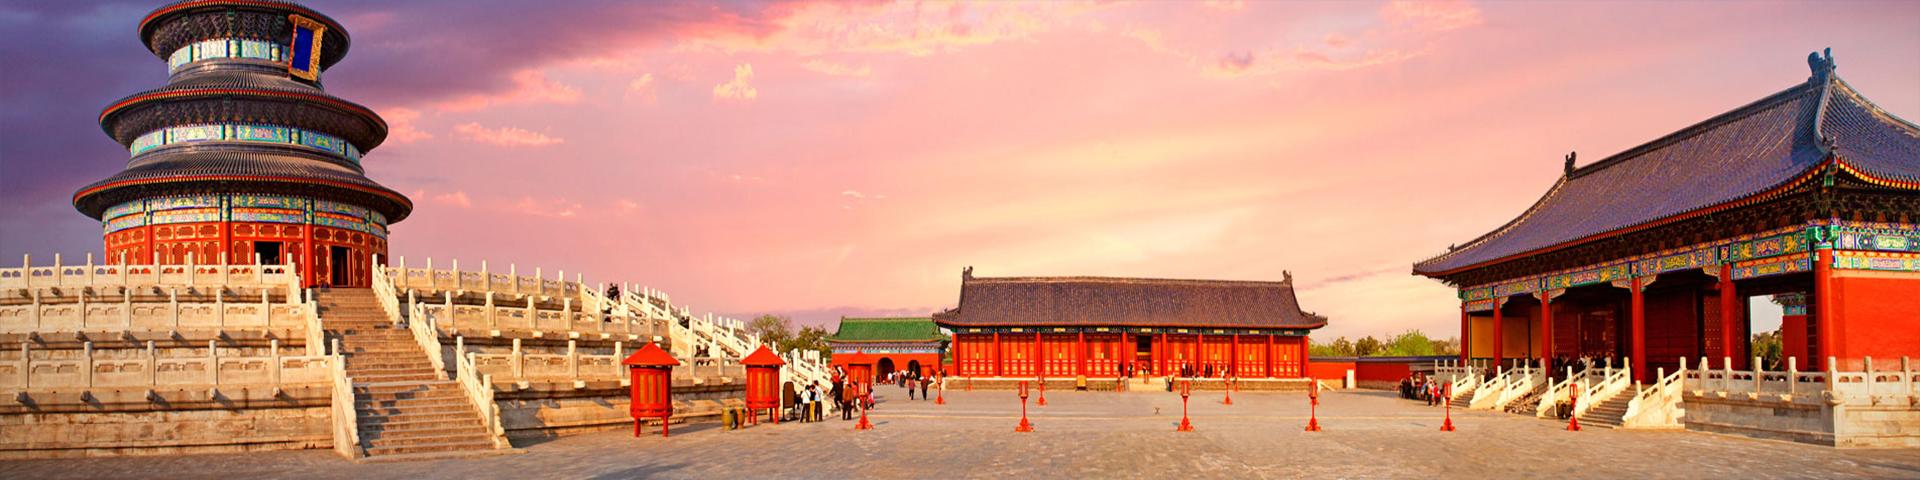 تورهای چین همیشه سفر